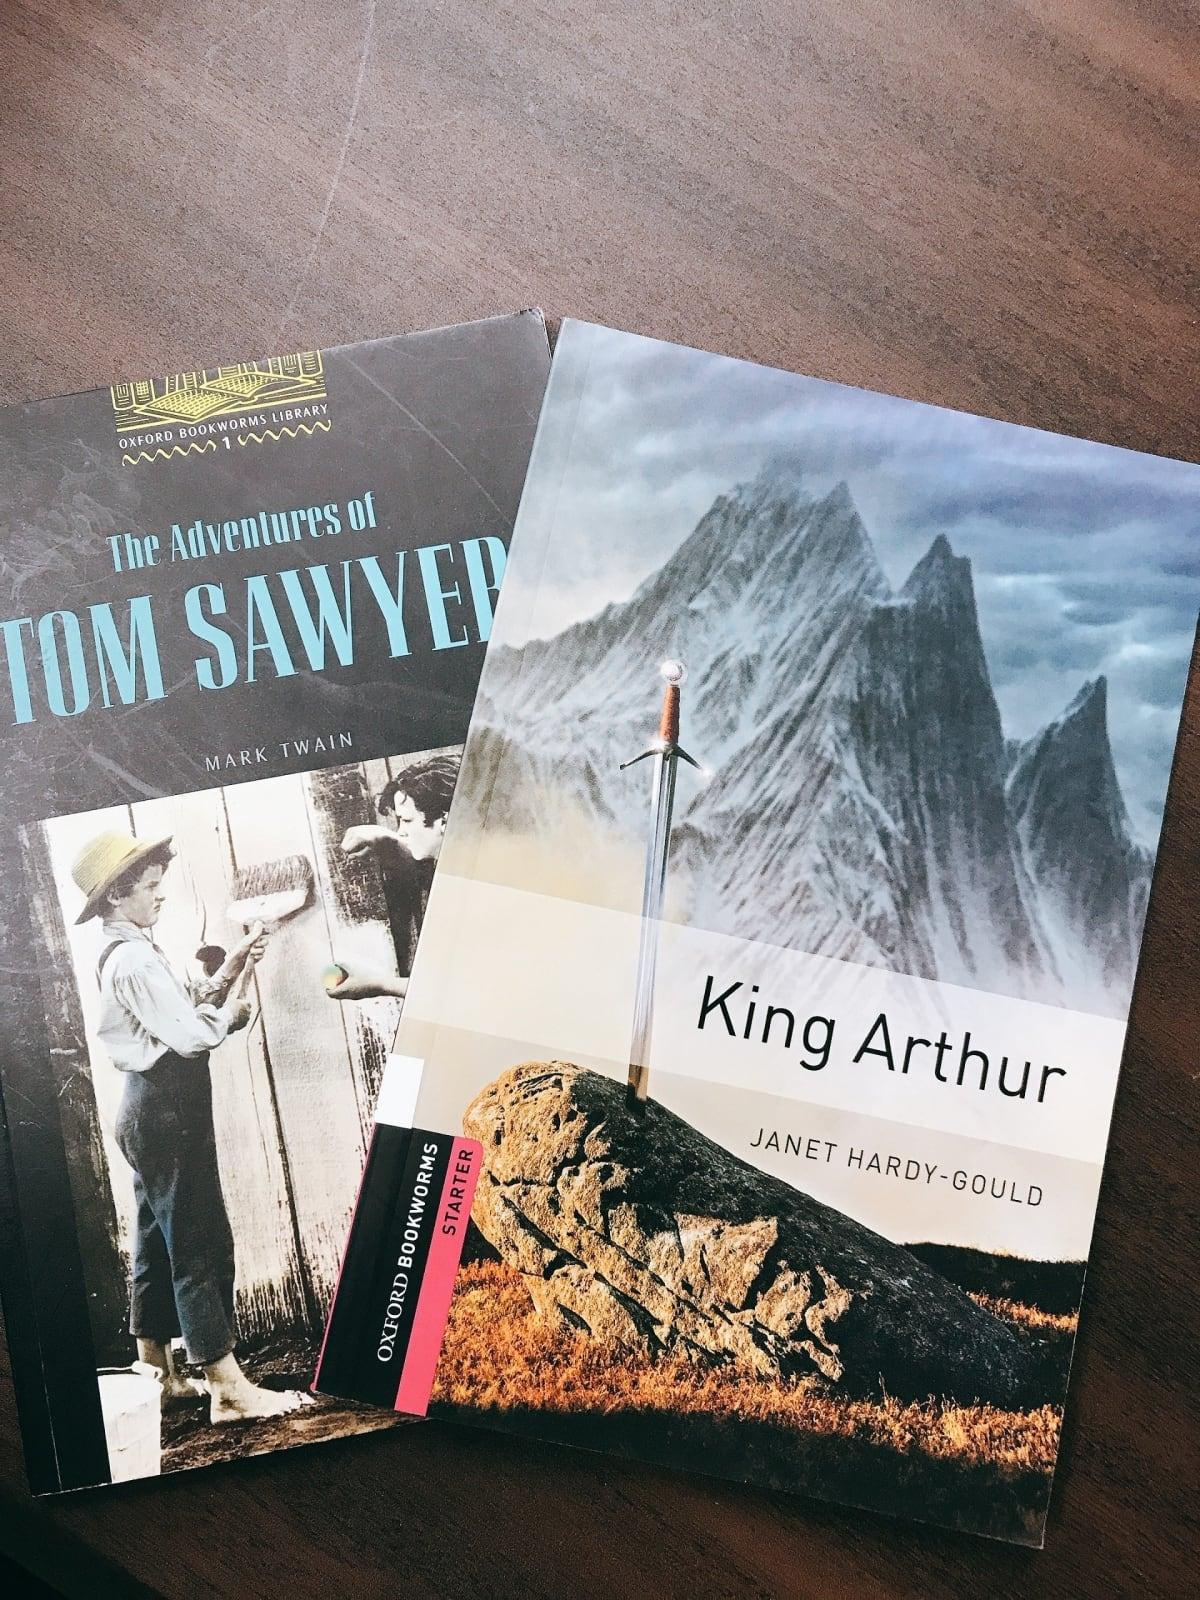 トムソーヤの冒険とキングアーサーの本が2冊